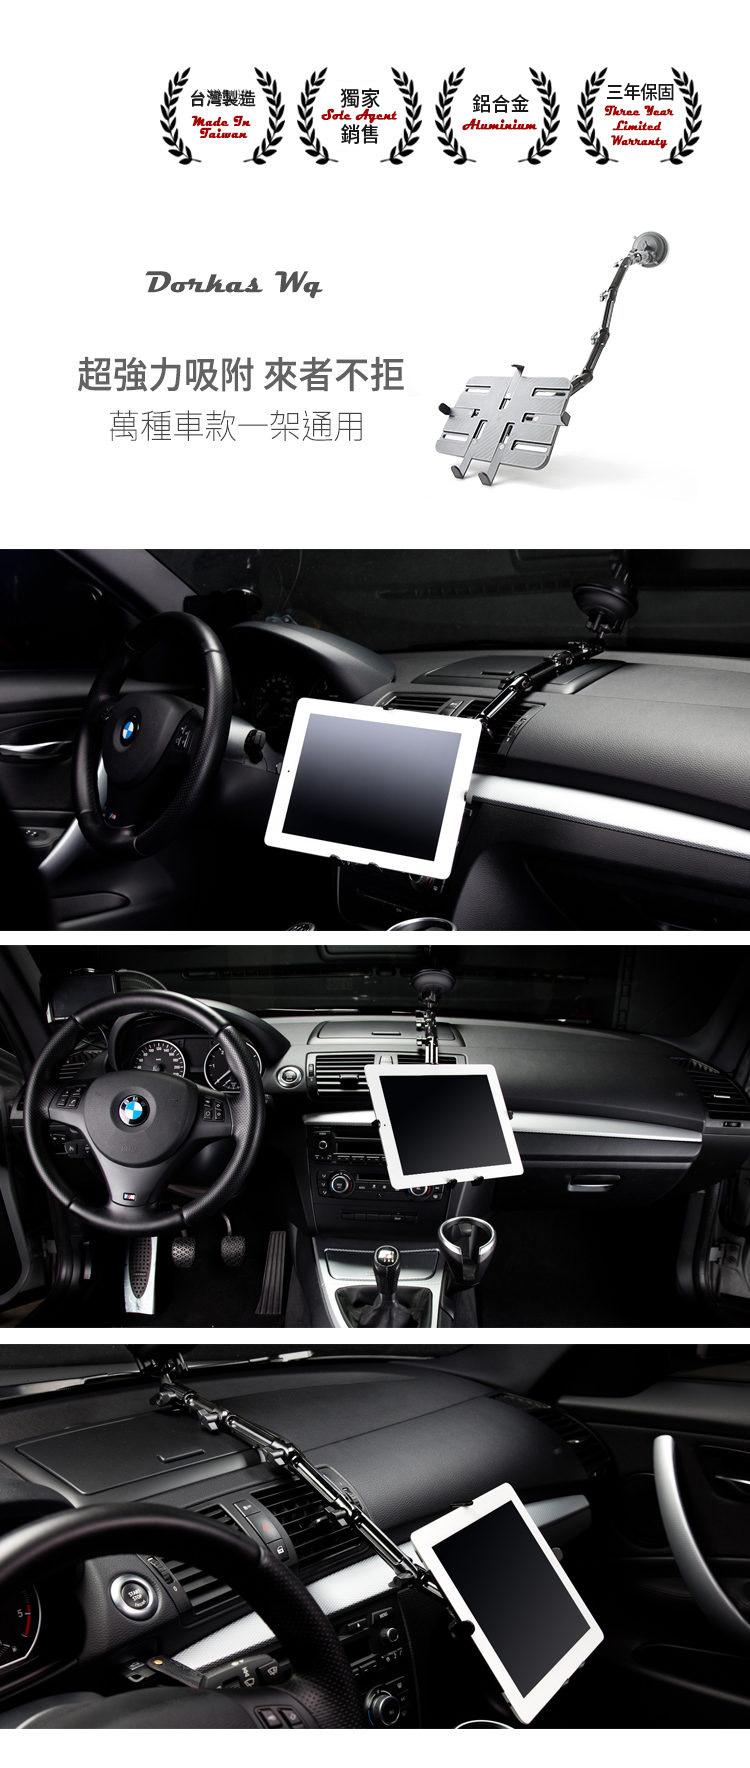 適用多種車款,擋風玻璃iPad吸盤支架,MIT台灣製造,長手臂